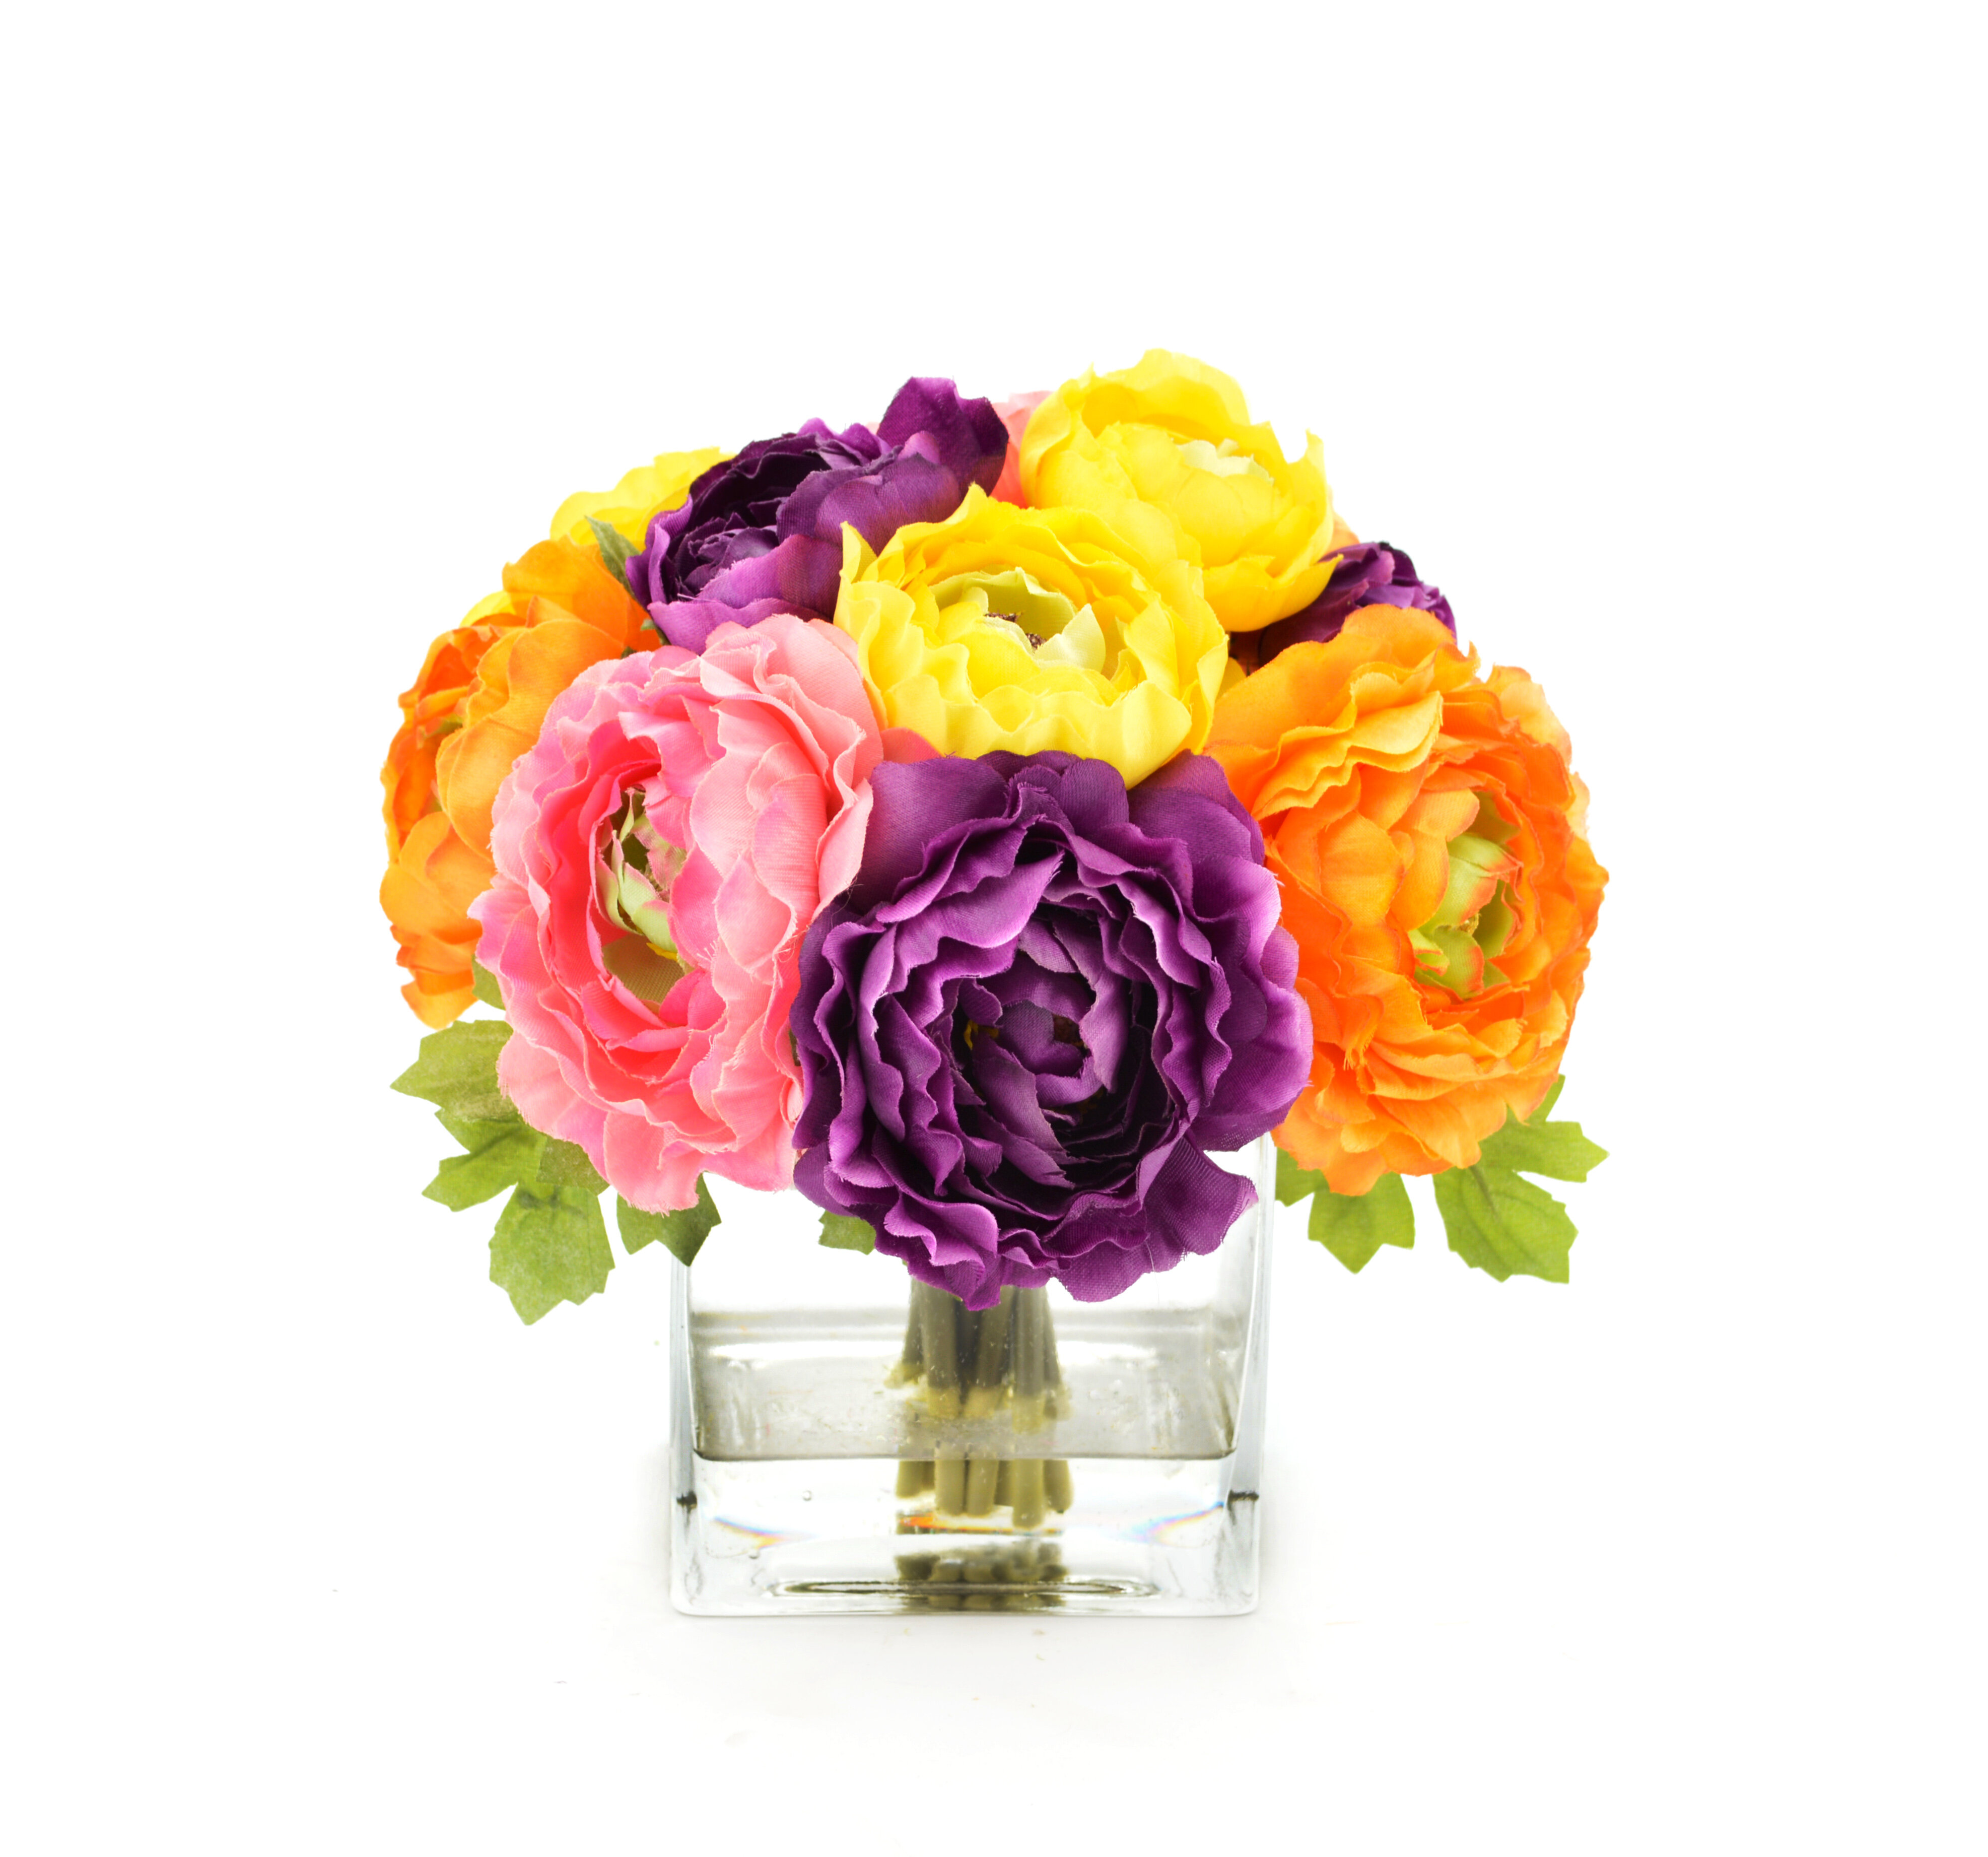 House of Hampton Mixed Ranunculus Bouquet & Reviews | Wayfair